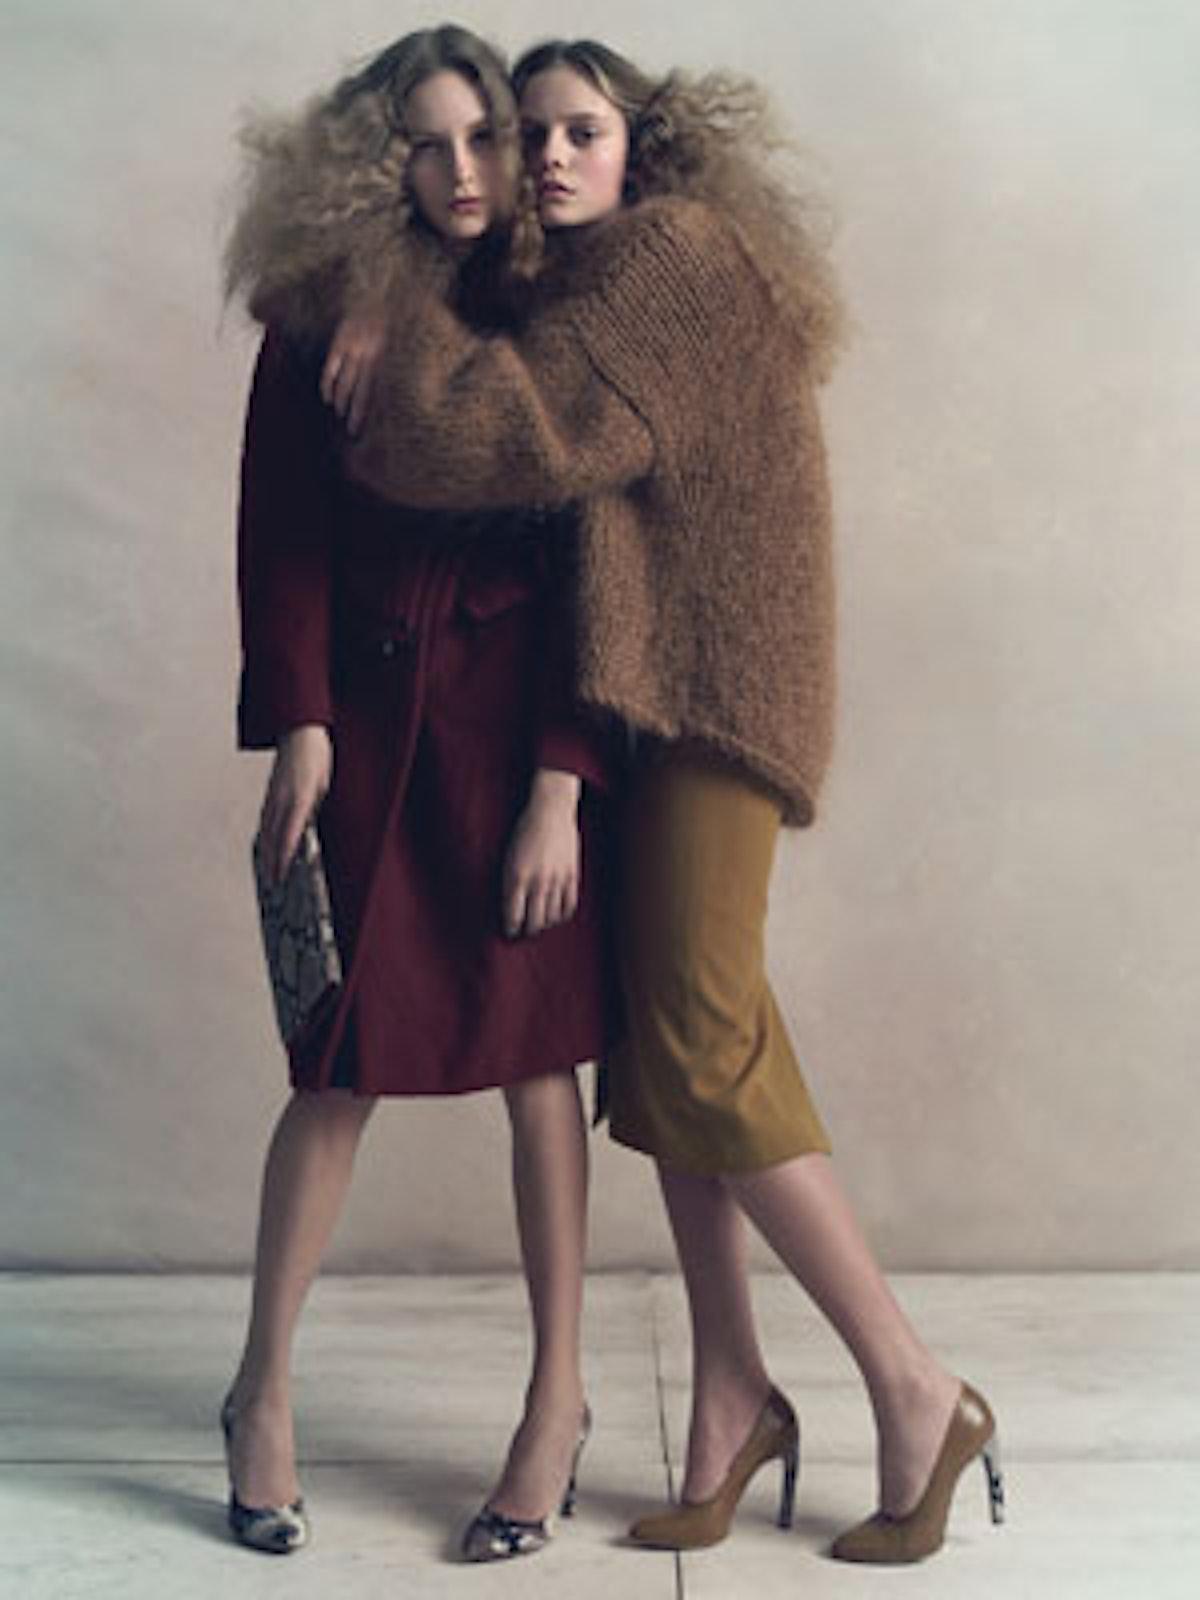 fass_fall_fashion_03_v.jpg